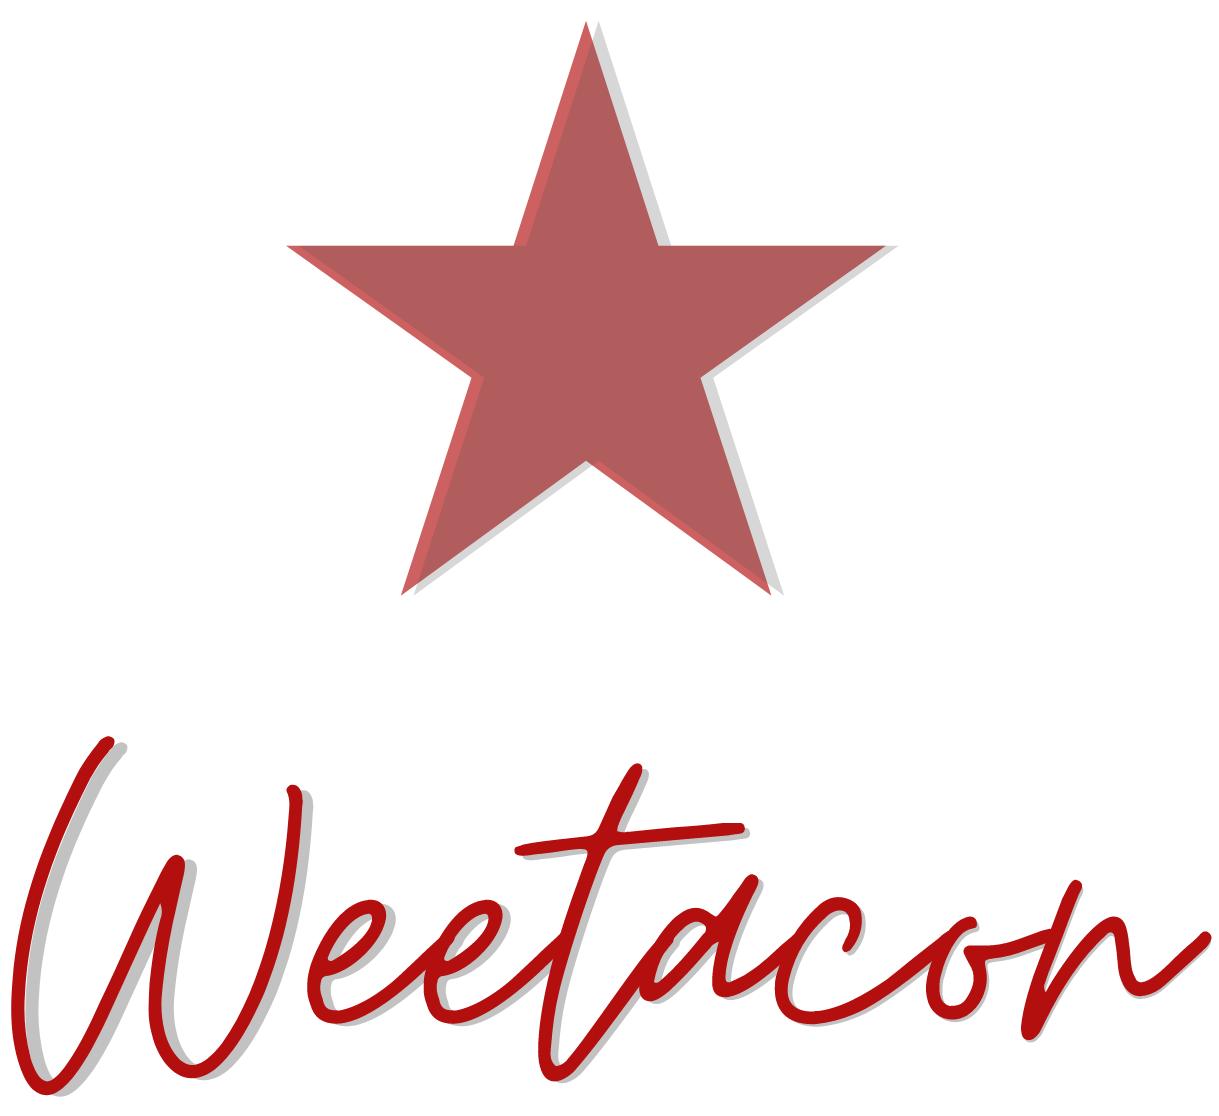 Weetacon